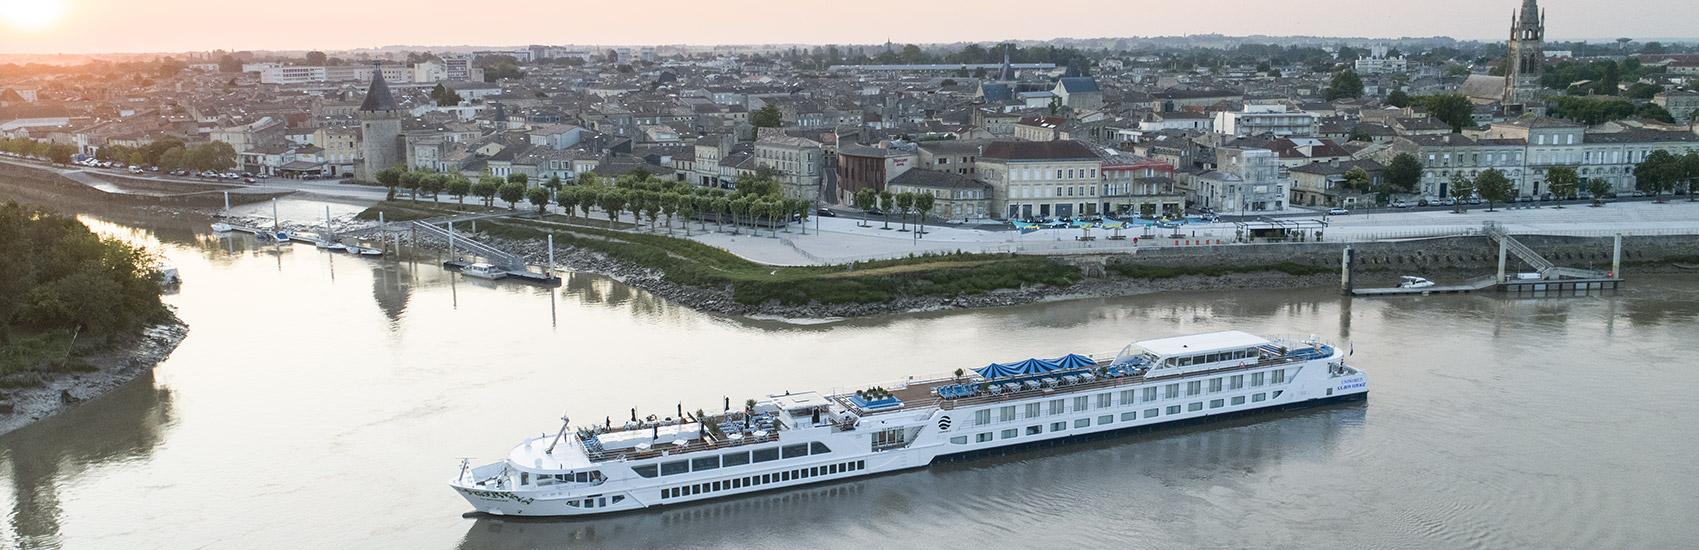 Cruise Back into Travel with Uniworld 1